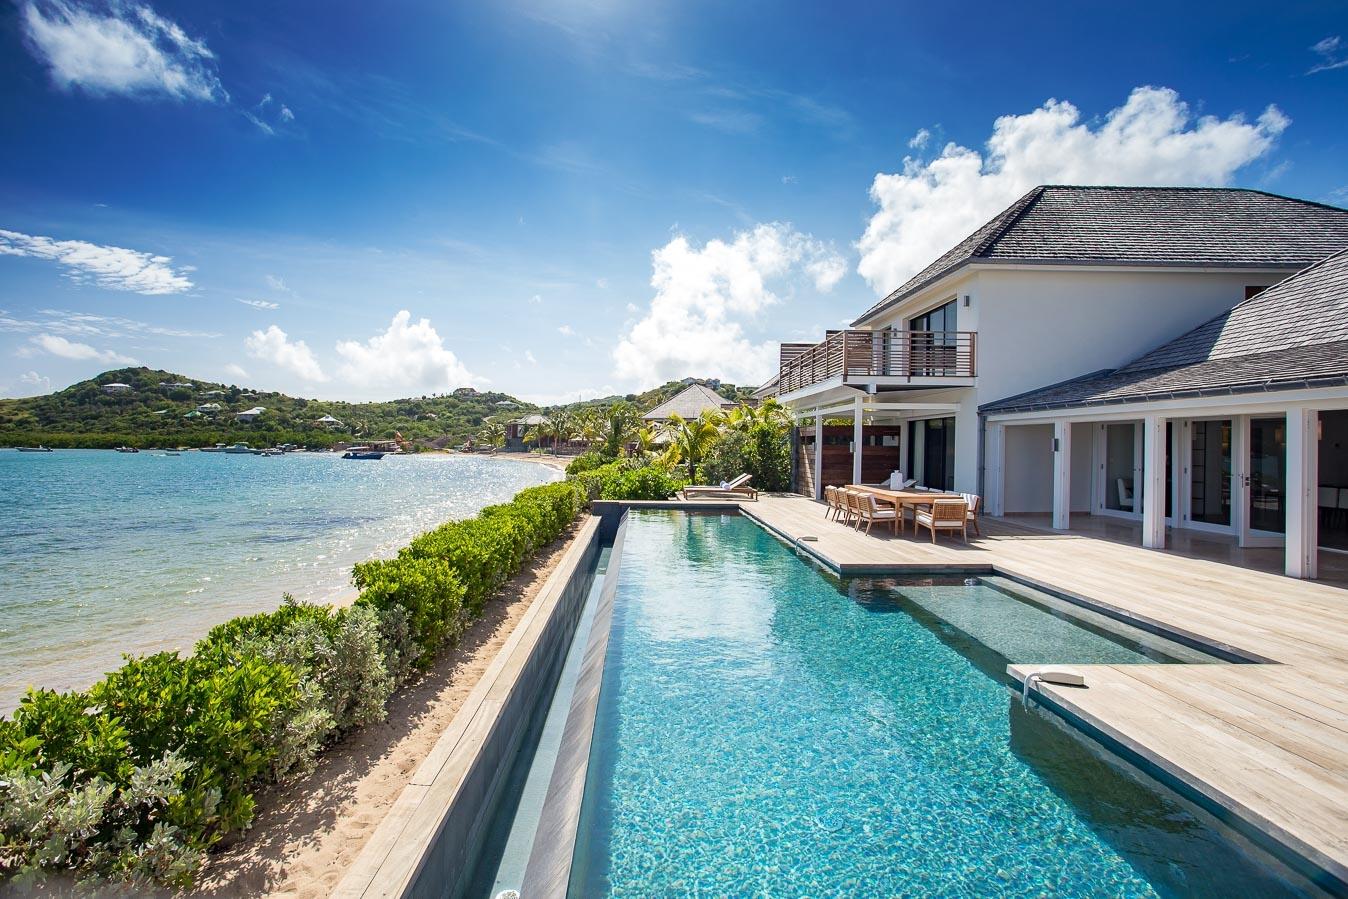 - Villa Aqua - Image 1/29